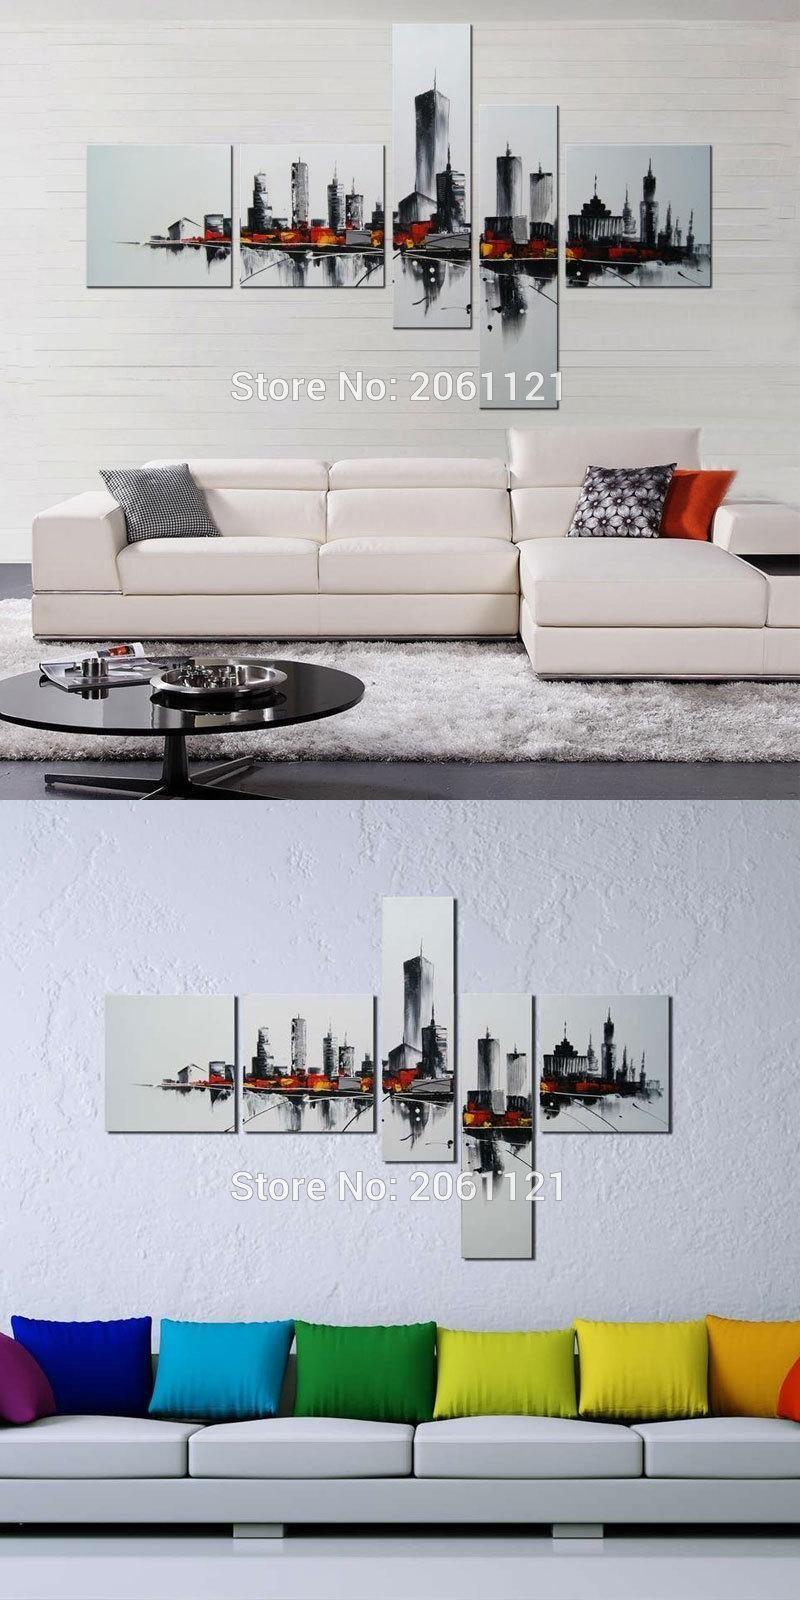 Visit to buy handmade modern home decor white black wall art